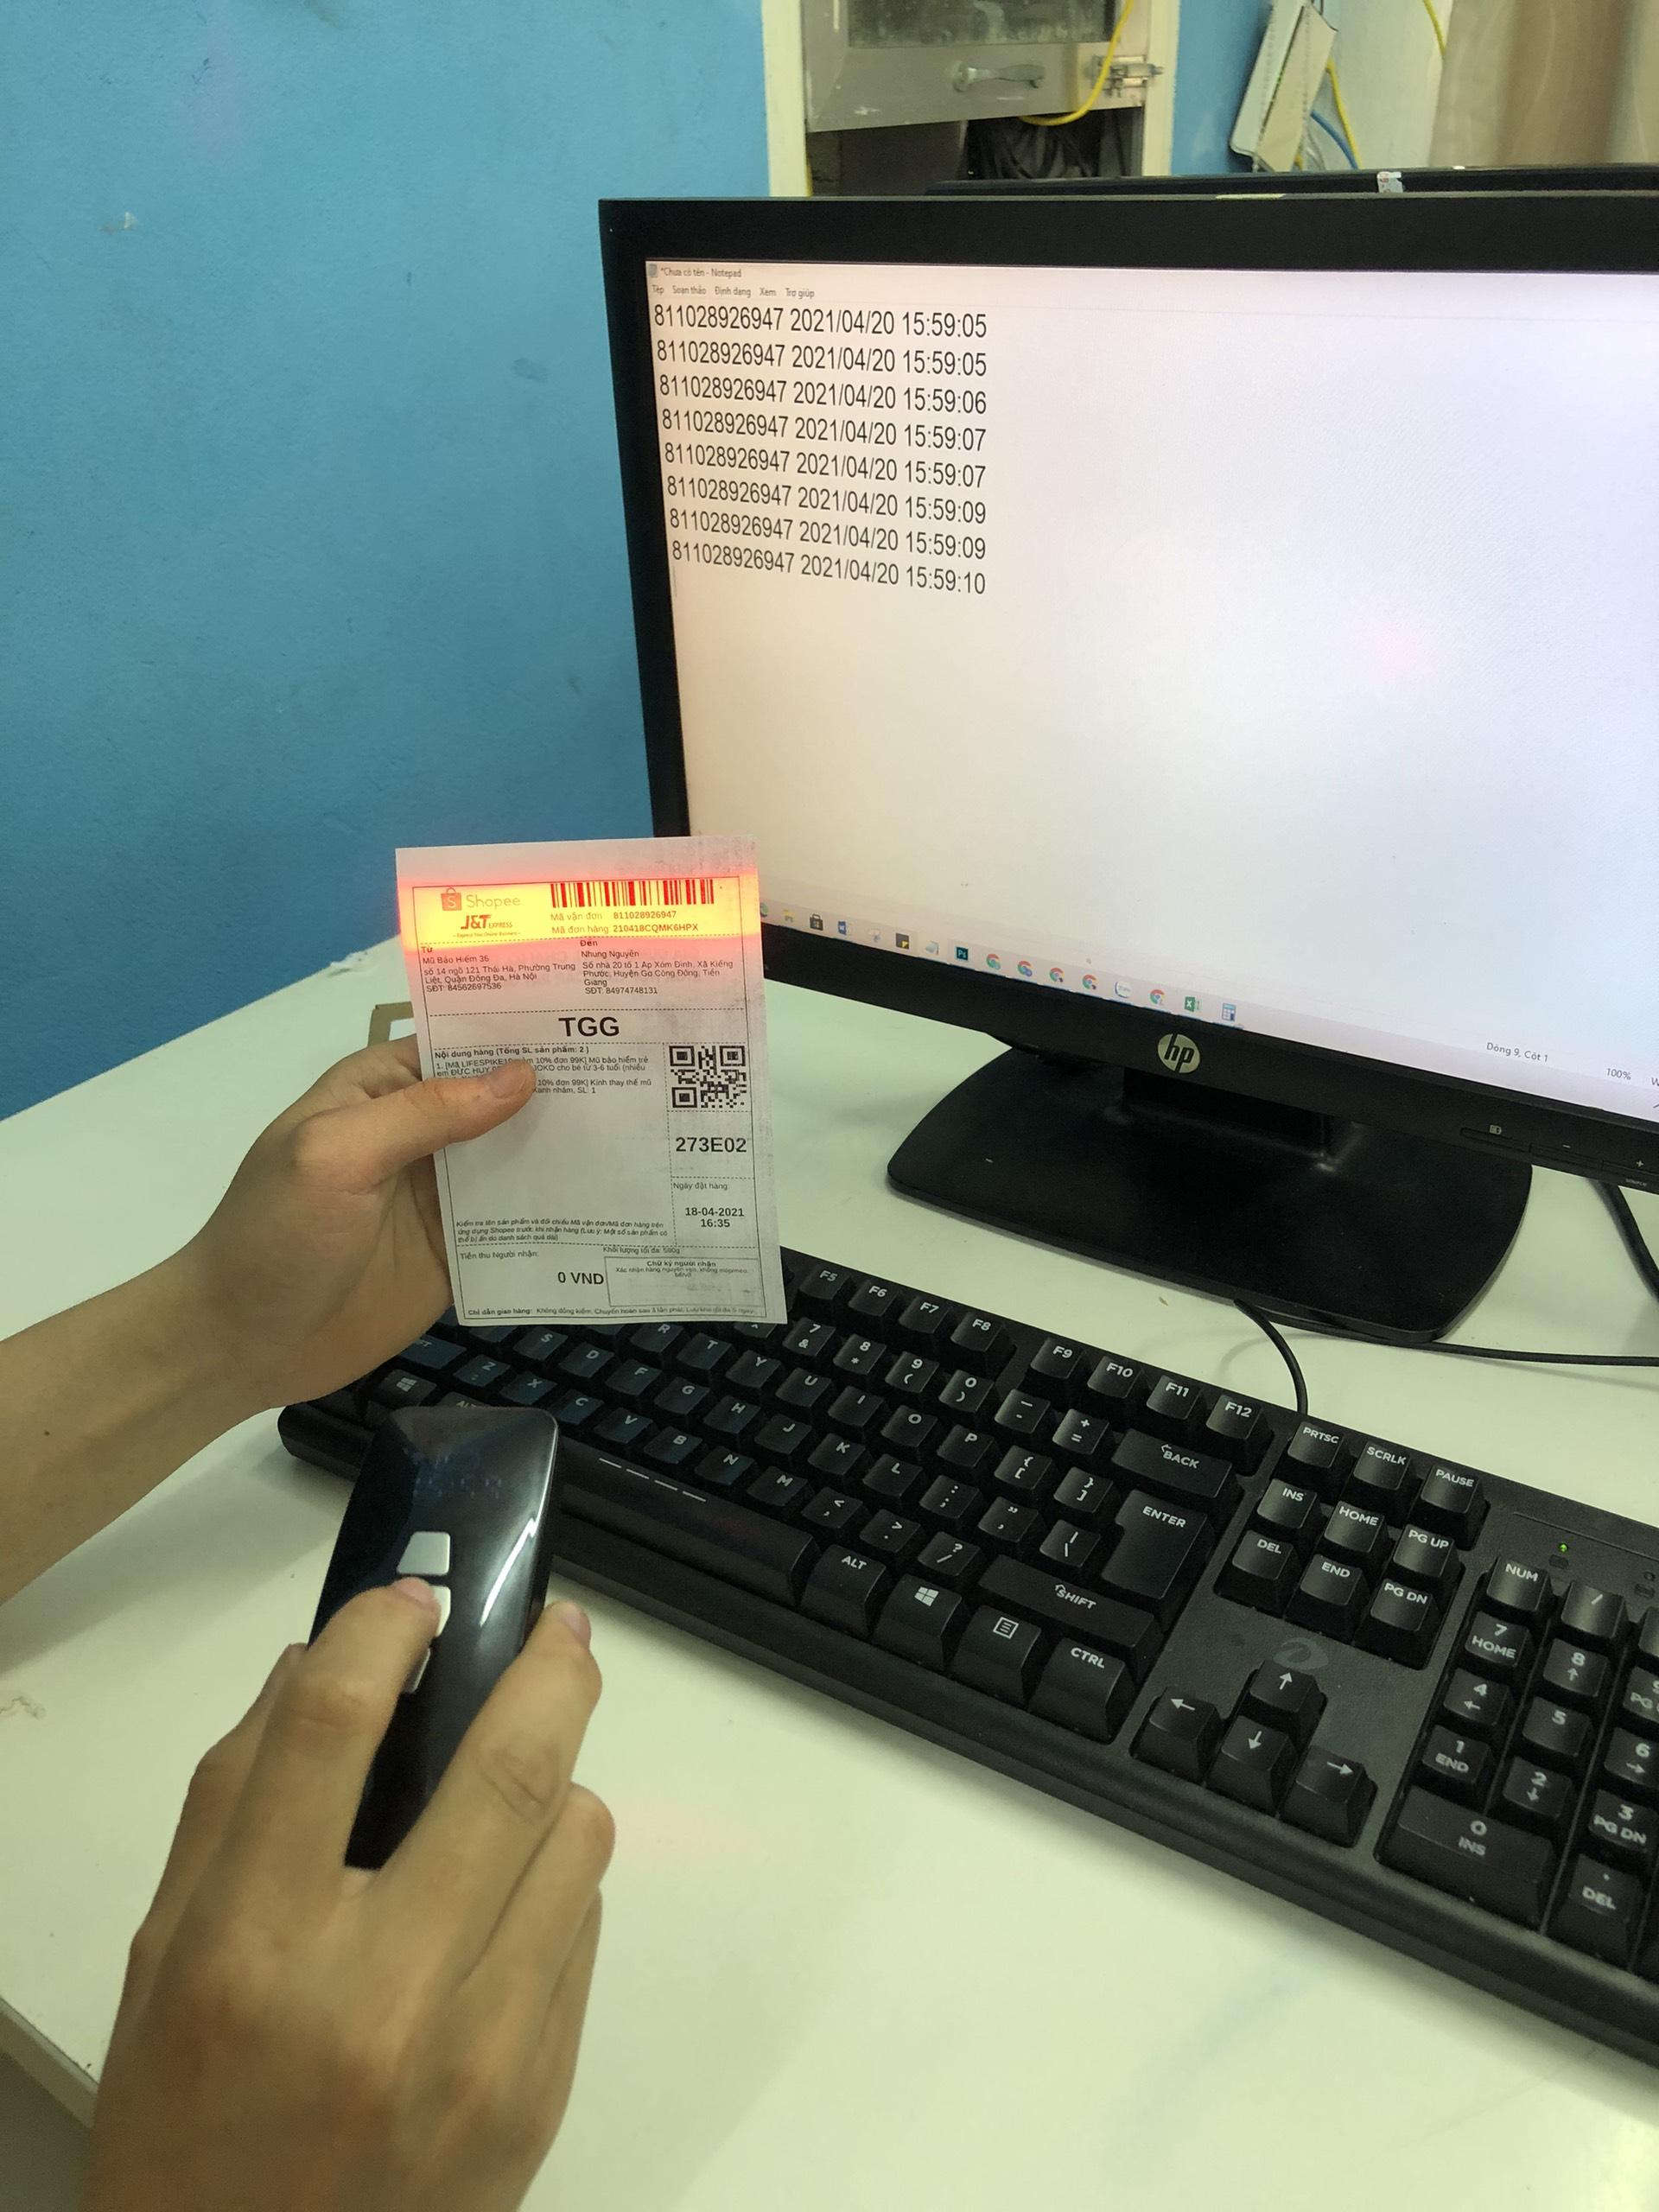 Máy quét mã vạch Mini YHD 3200CB kết nối Bluetooth/ USB/ Có dây hỗ trợ hiện thời gian quét mã vạch dùng trên Điện thoại, Máy tính - Hàng Nhập Khẩu